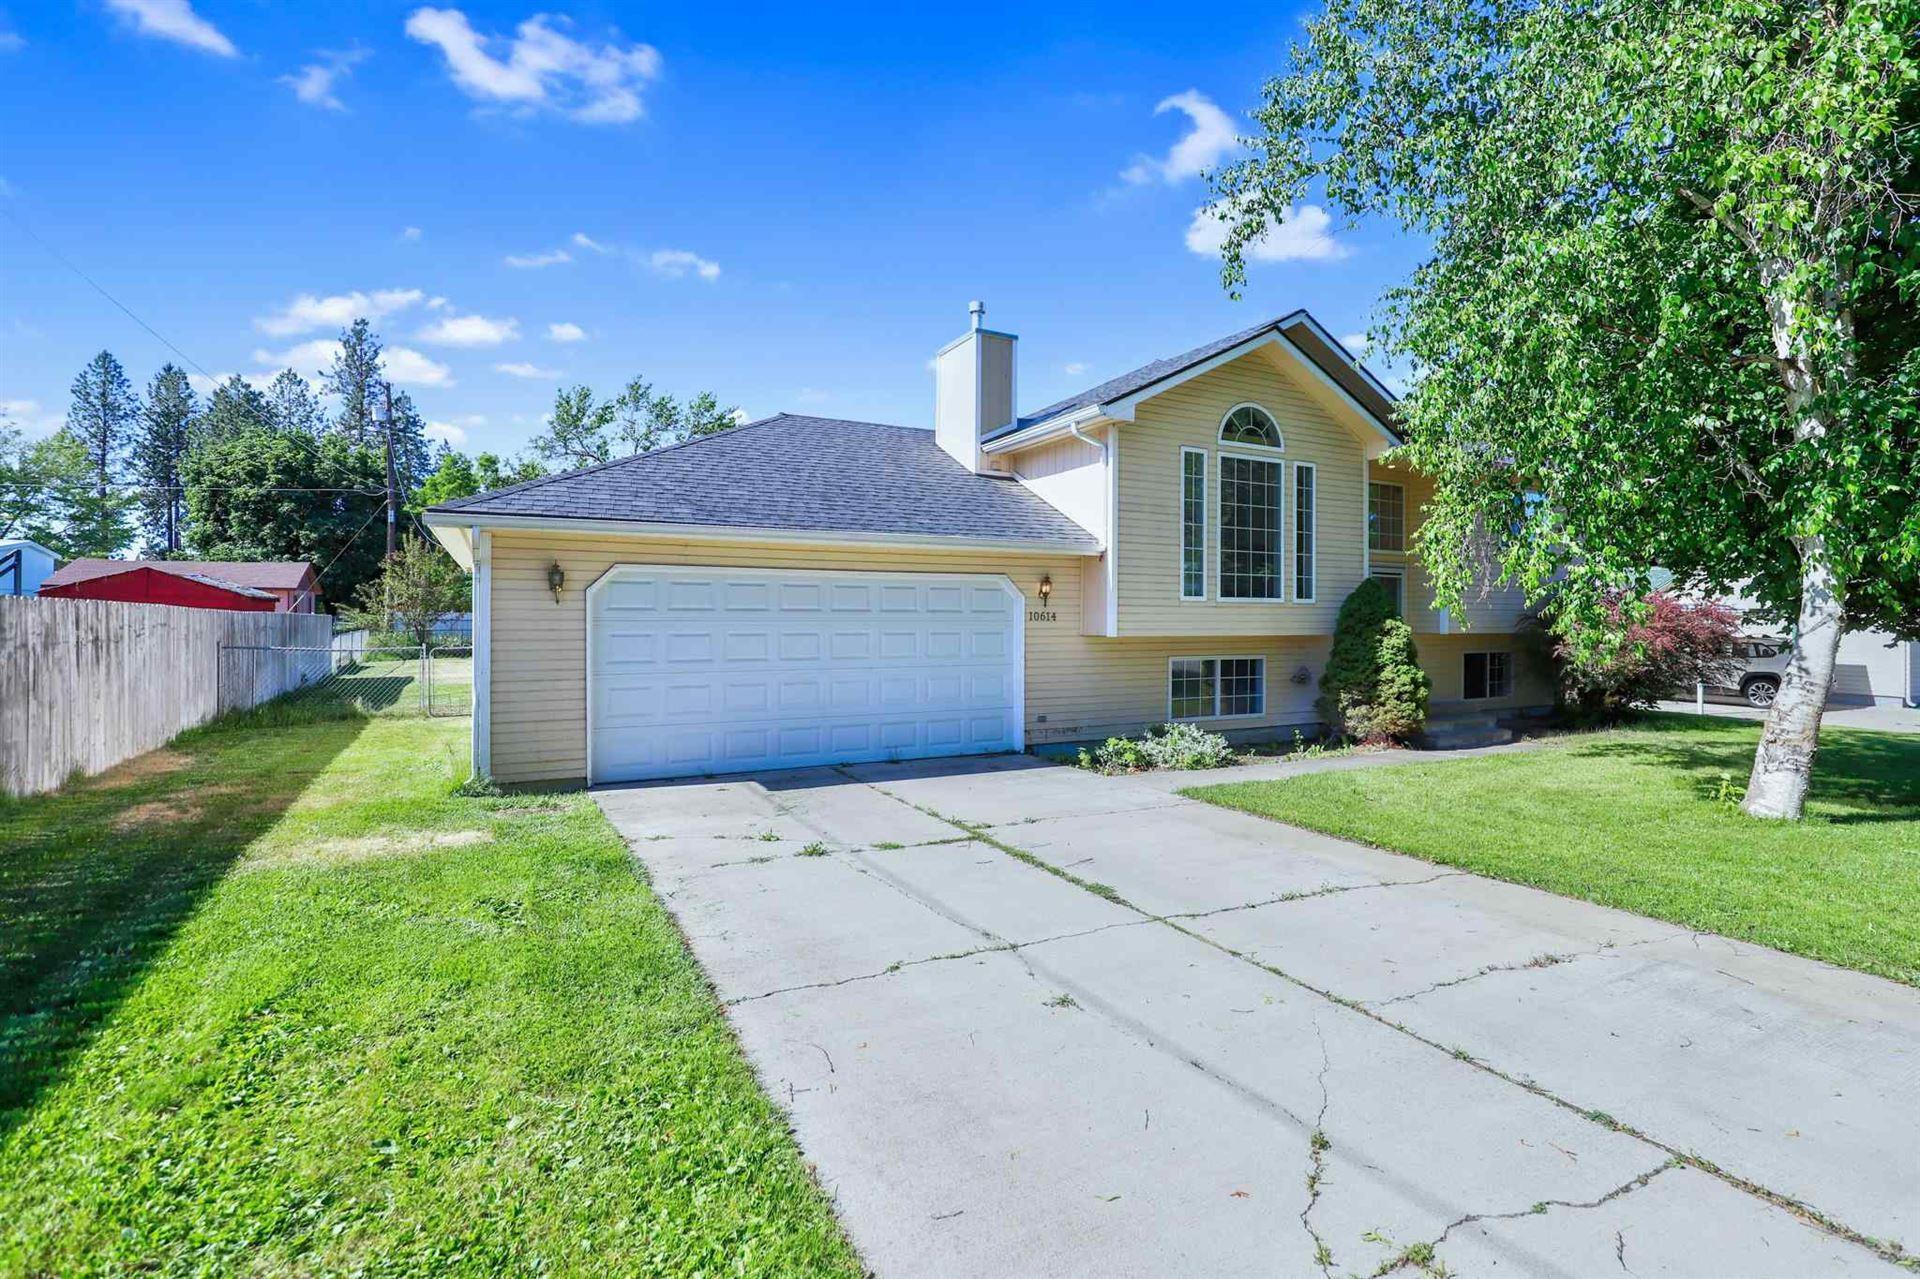 10614 E 13th Ave, Spokane Valley, WA 99206-3475 - #: 202119502